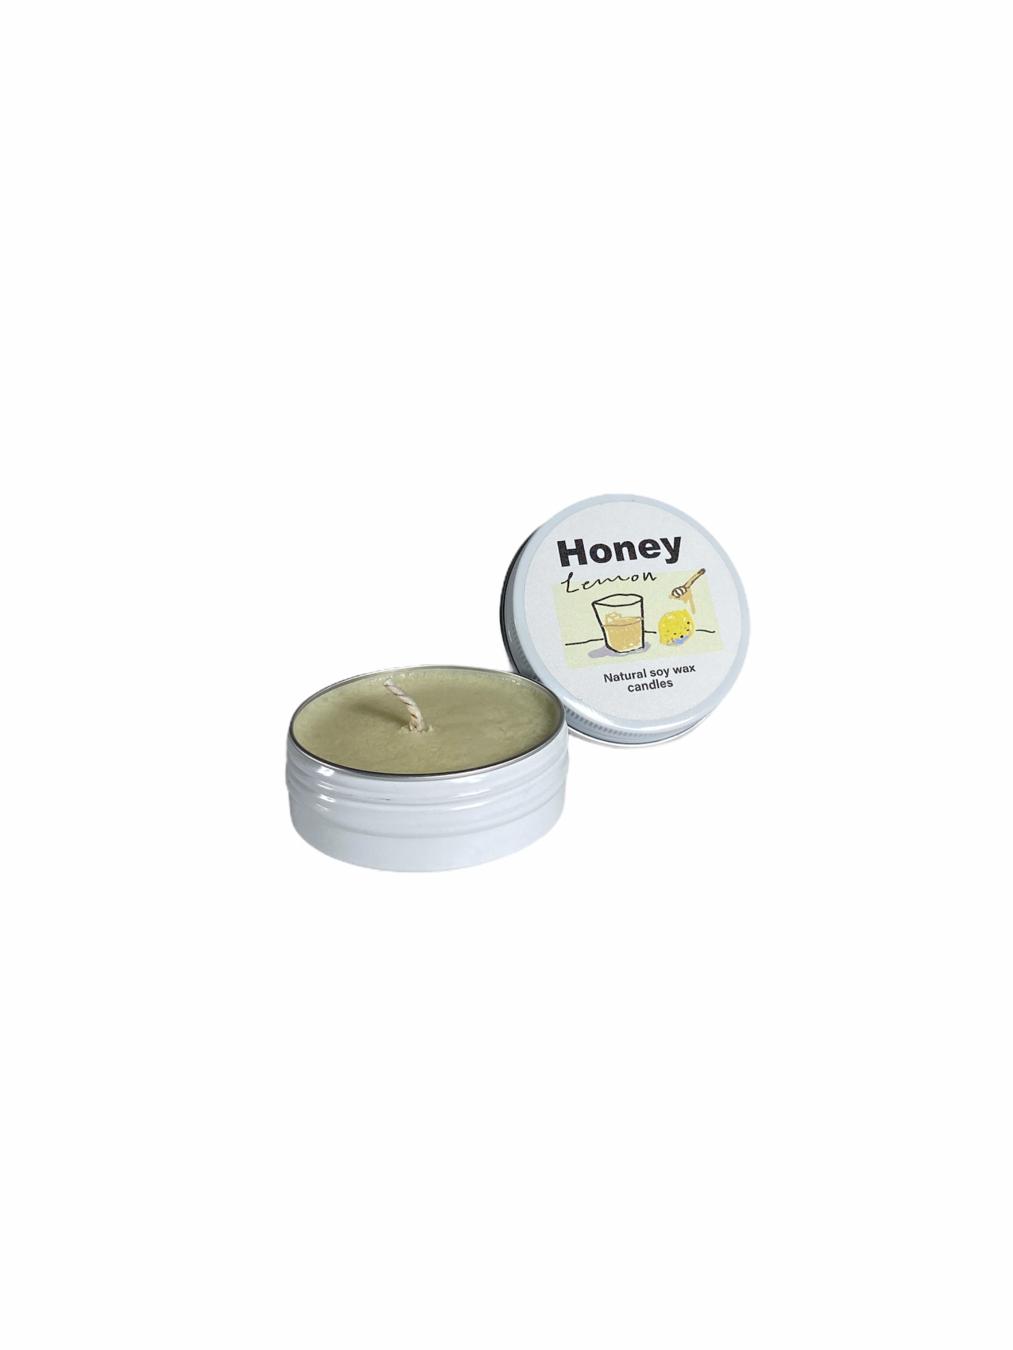 Honey Lemon Soy Wax Candle